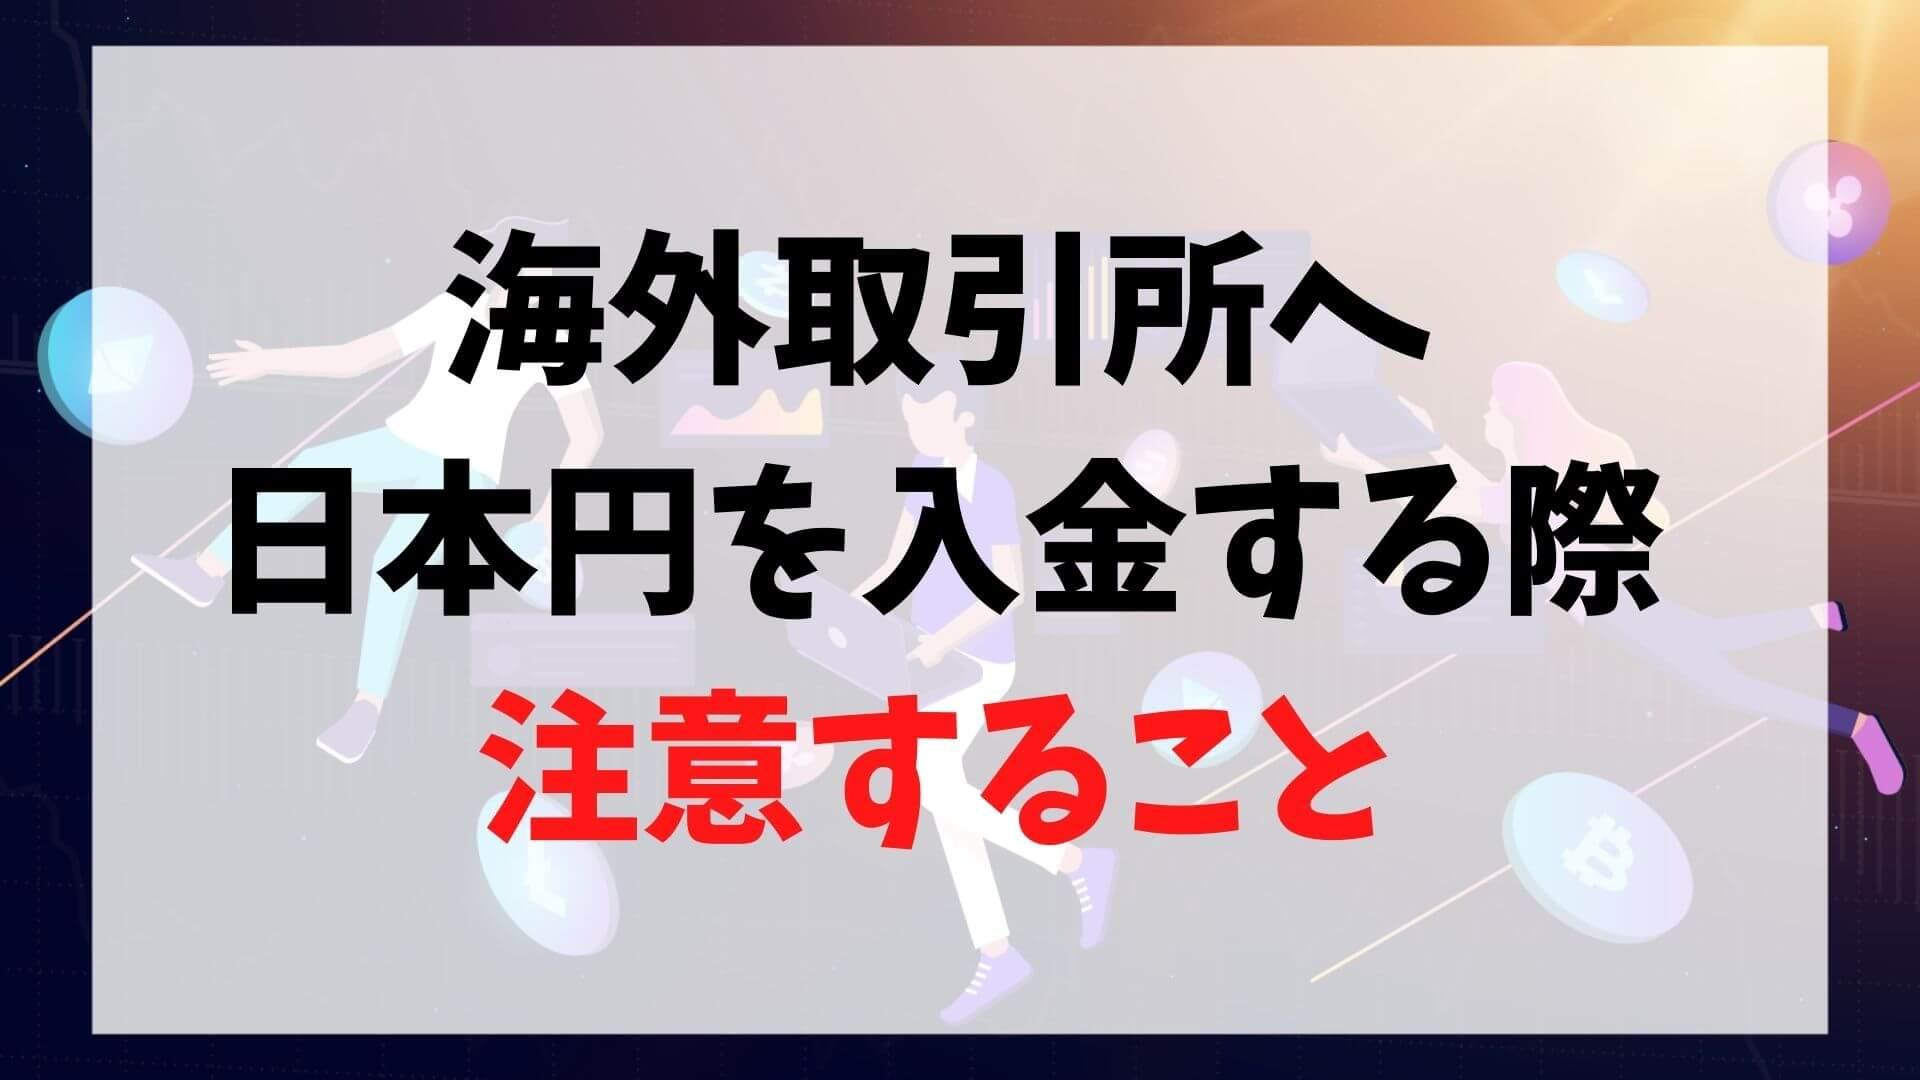 海外取引所へ日本円を入金する際に注意する事